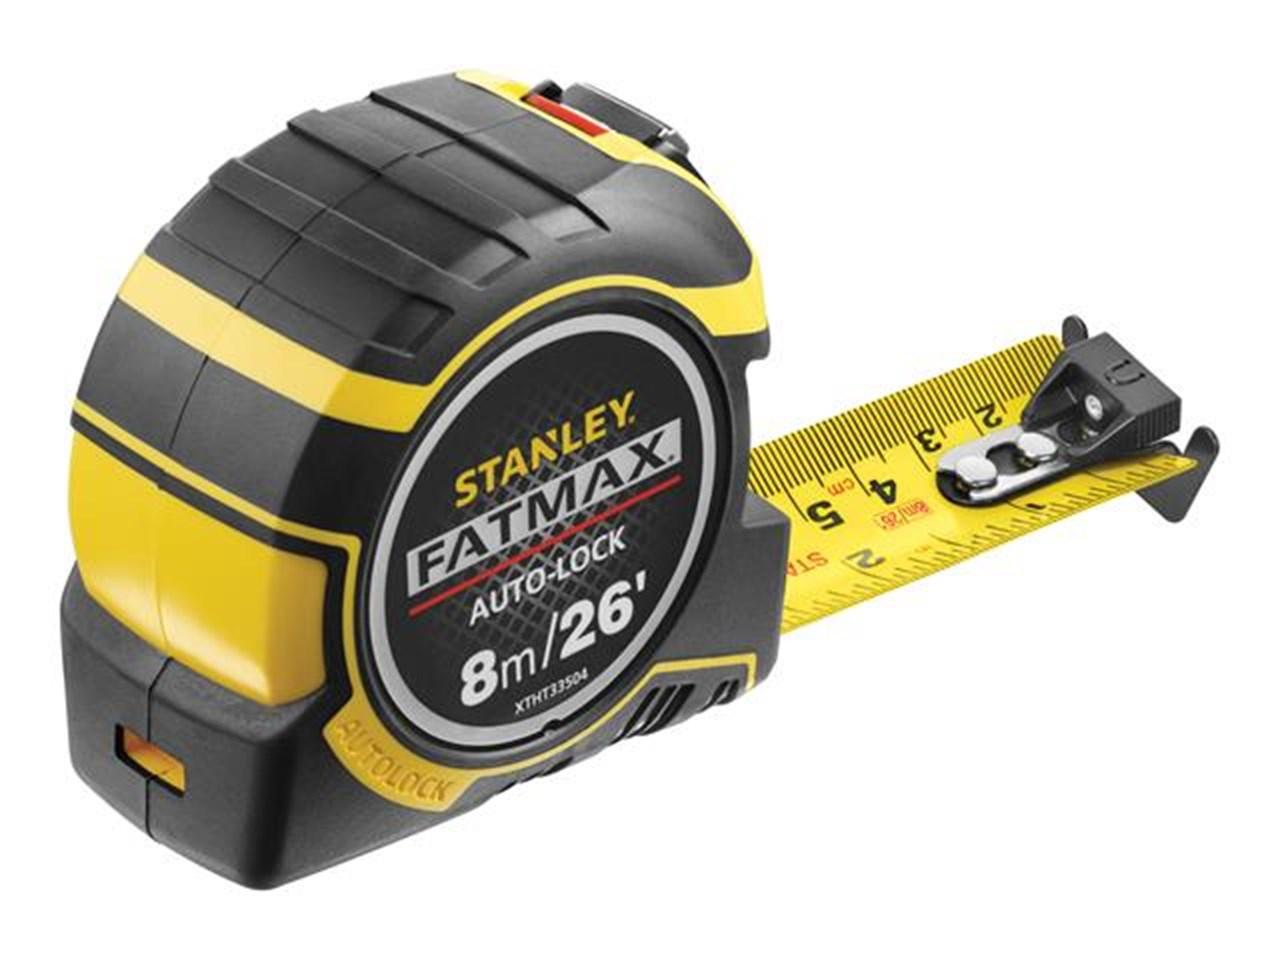 Stanley XTHT0-33504 FatMax Pro Autolock Tape 8m/26ft